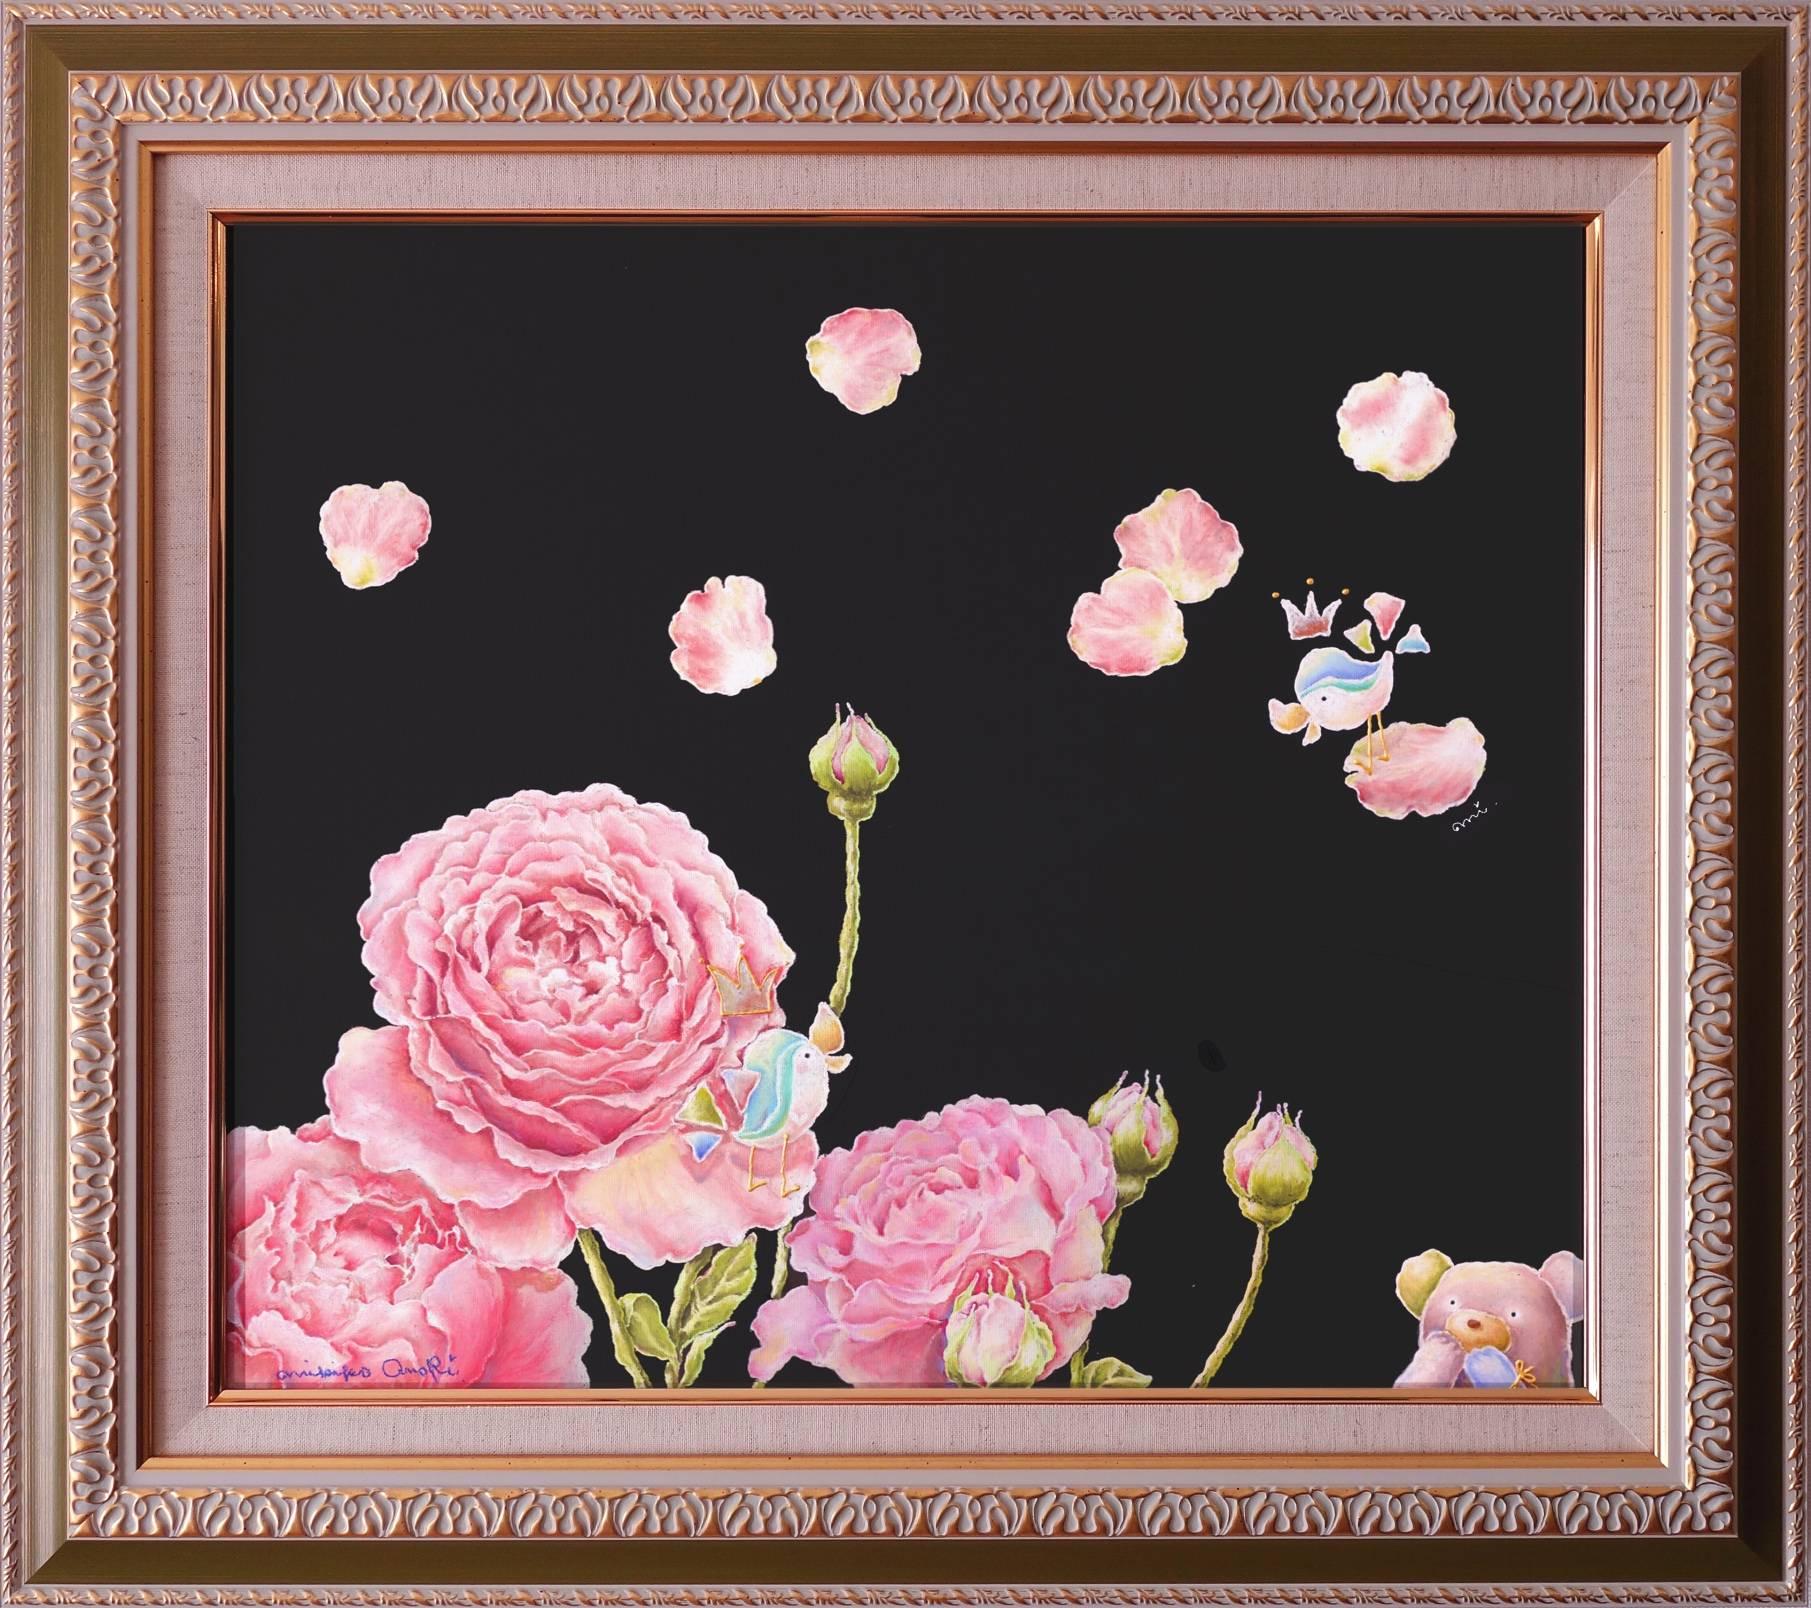 Rose Garden・2 〜Confetti and Semifreddo